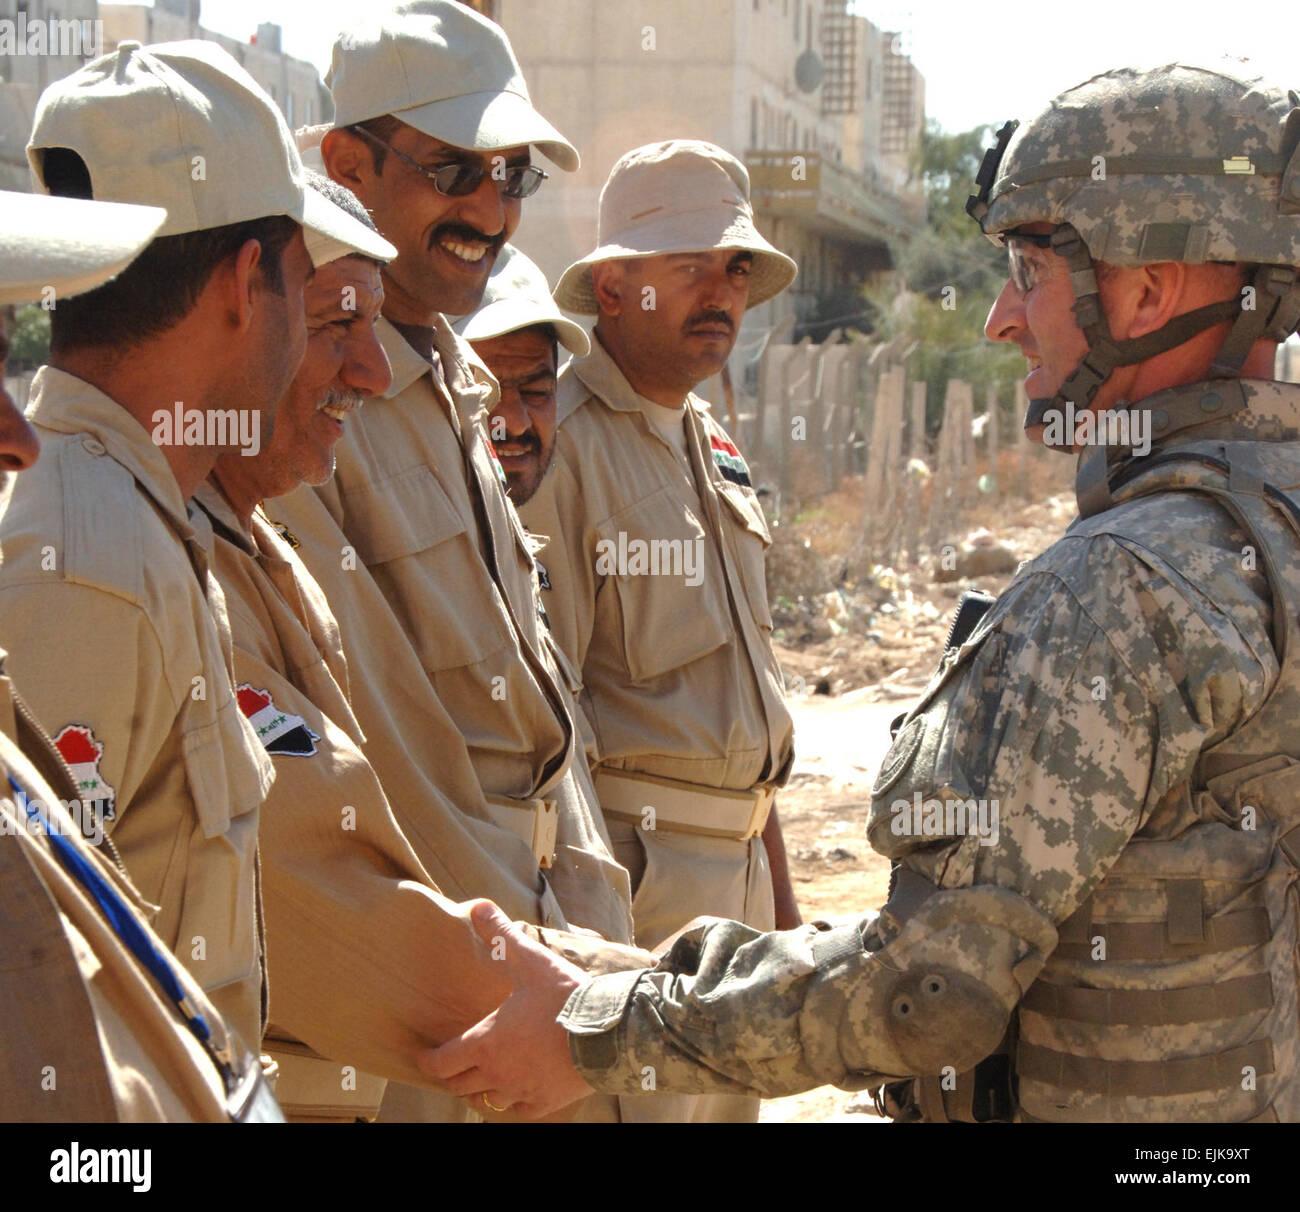 Us Army Checkpoint Stockfotos & Us Army Checkpoint Bilder - Seite 2 ...